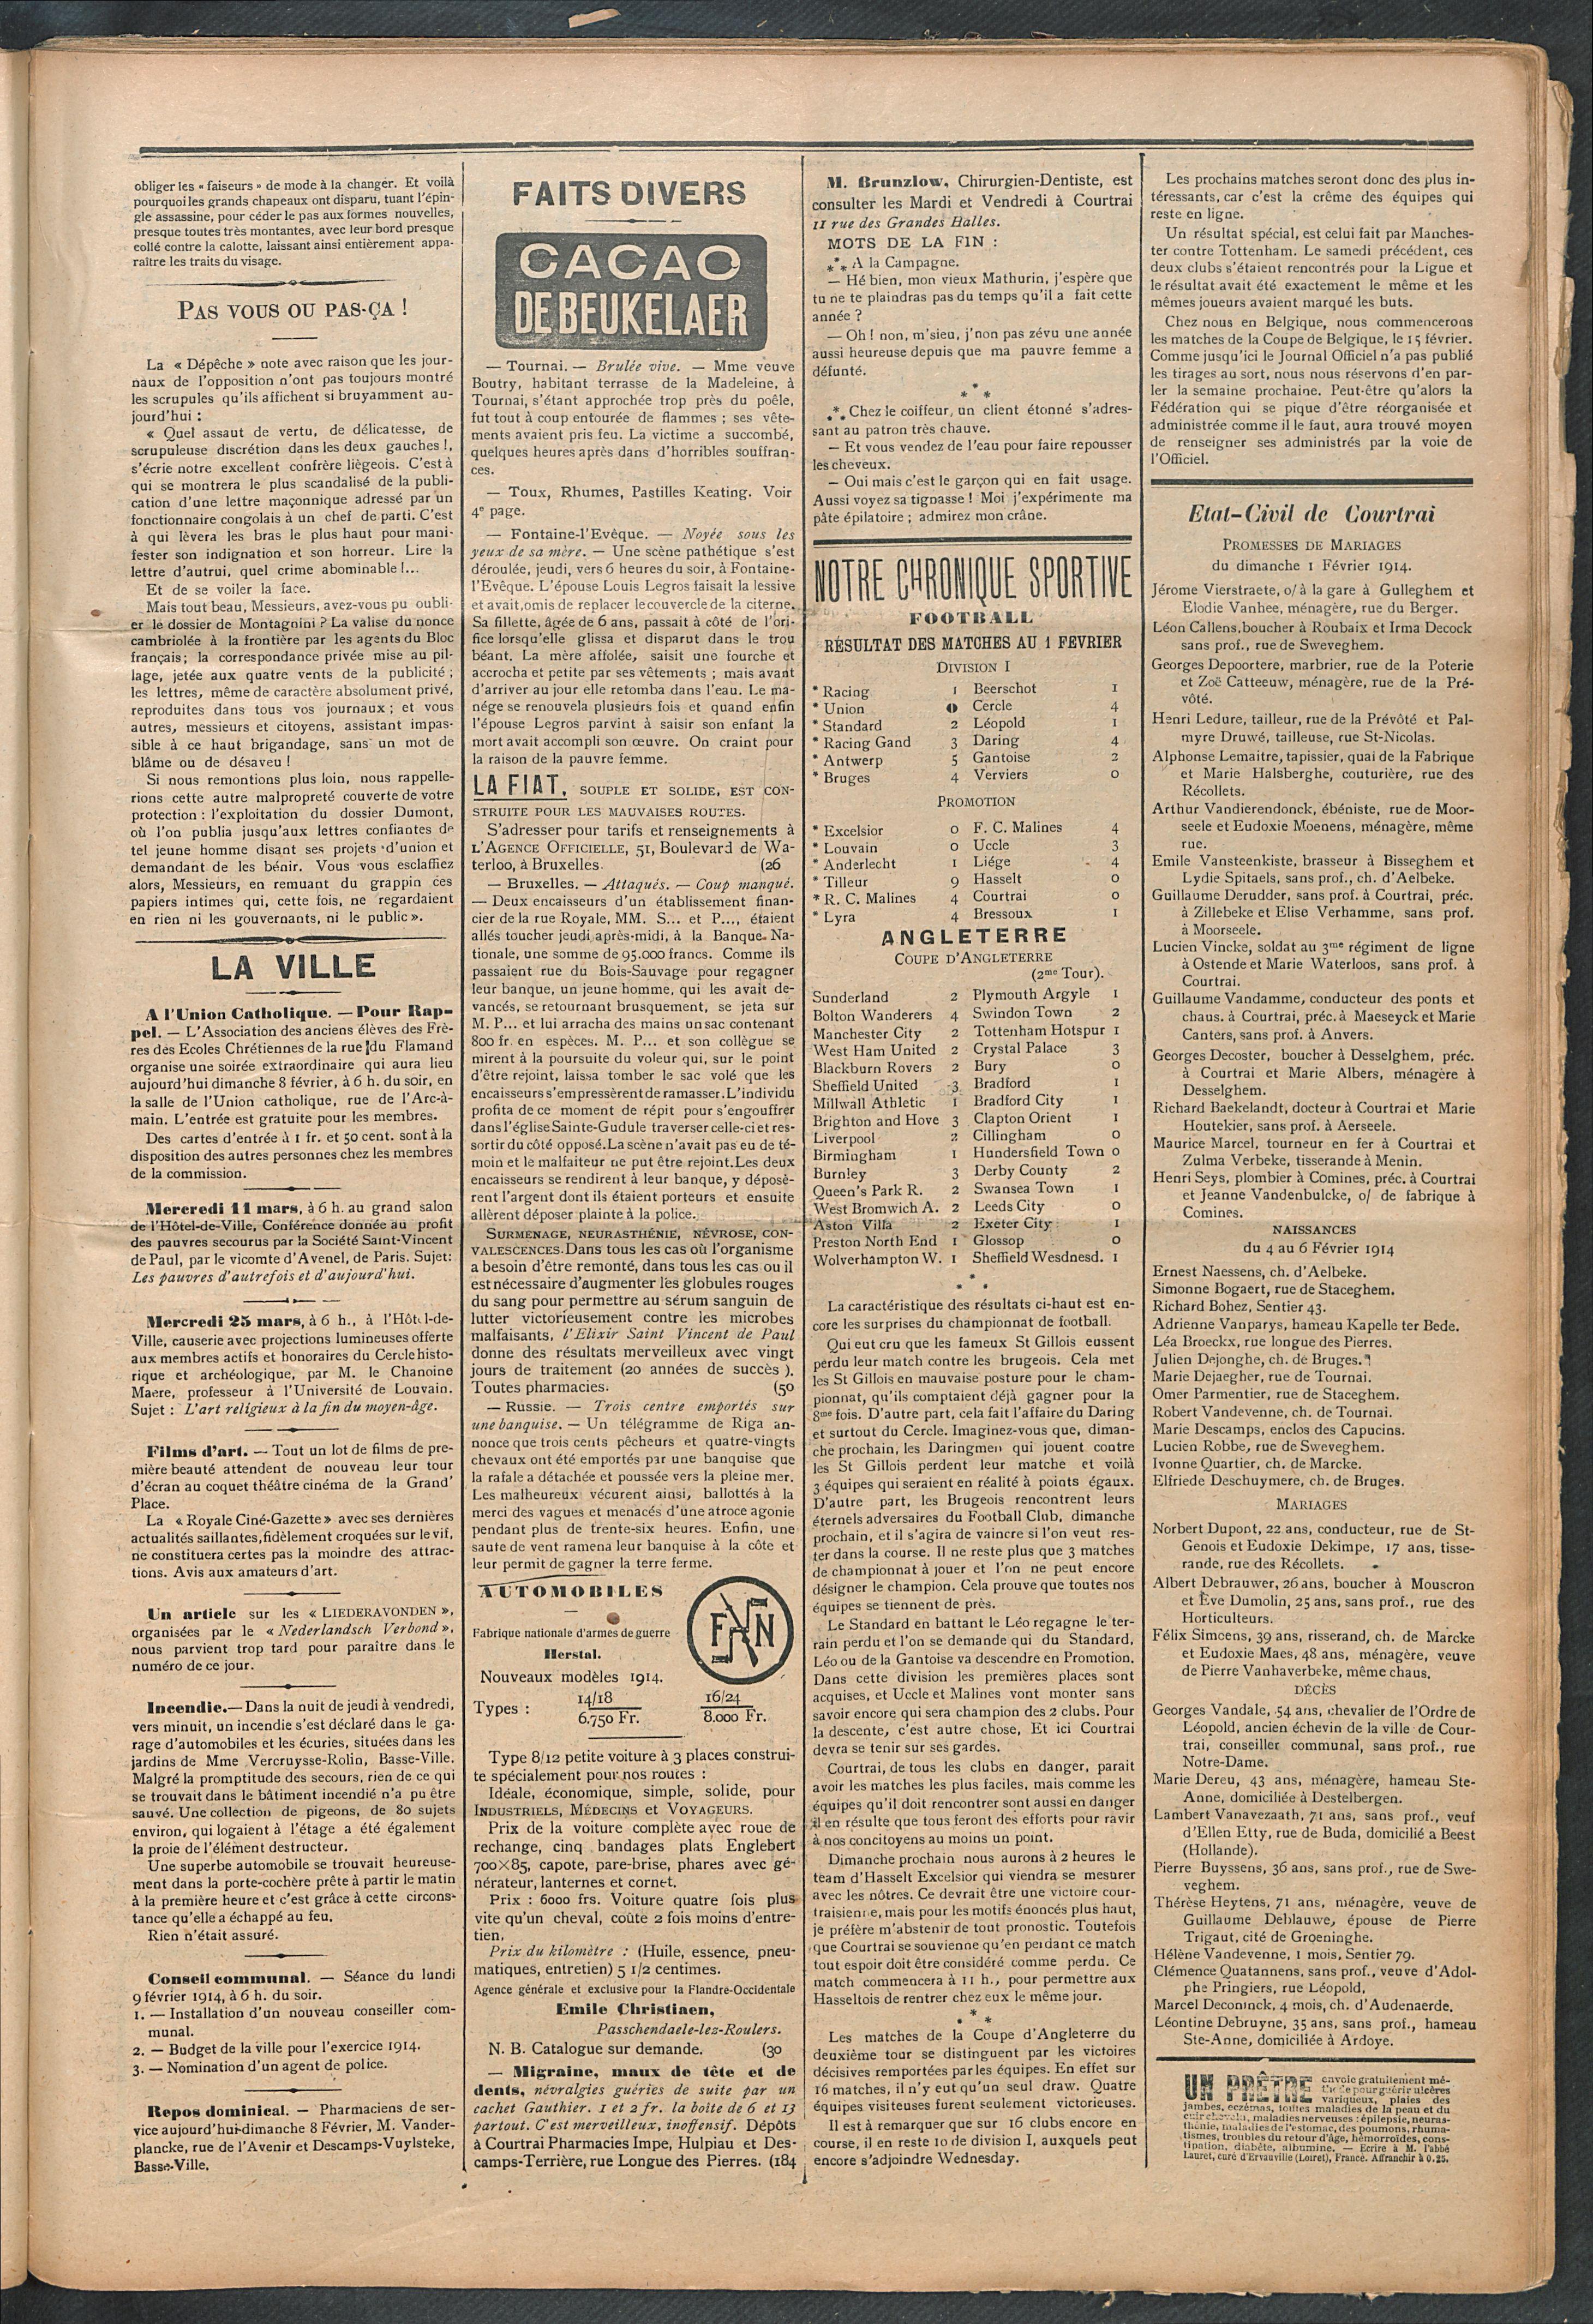 L'echo De Courtrai 1914-02-08 p3